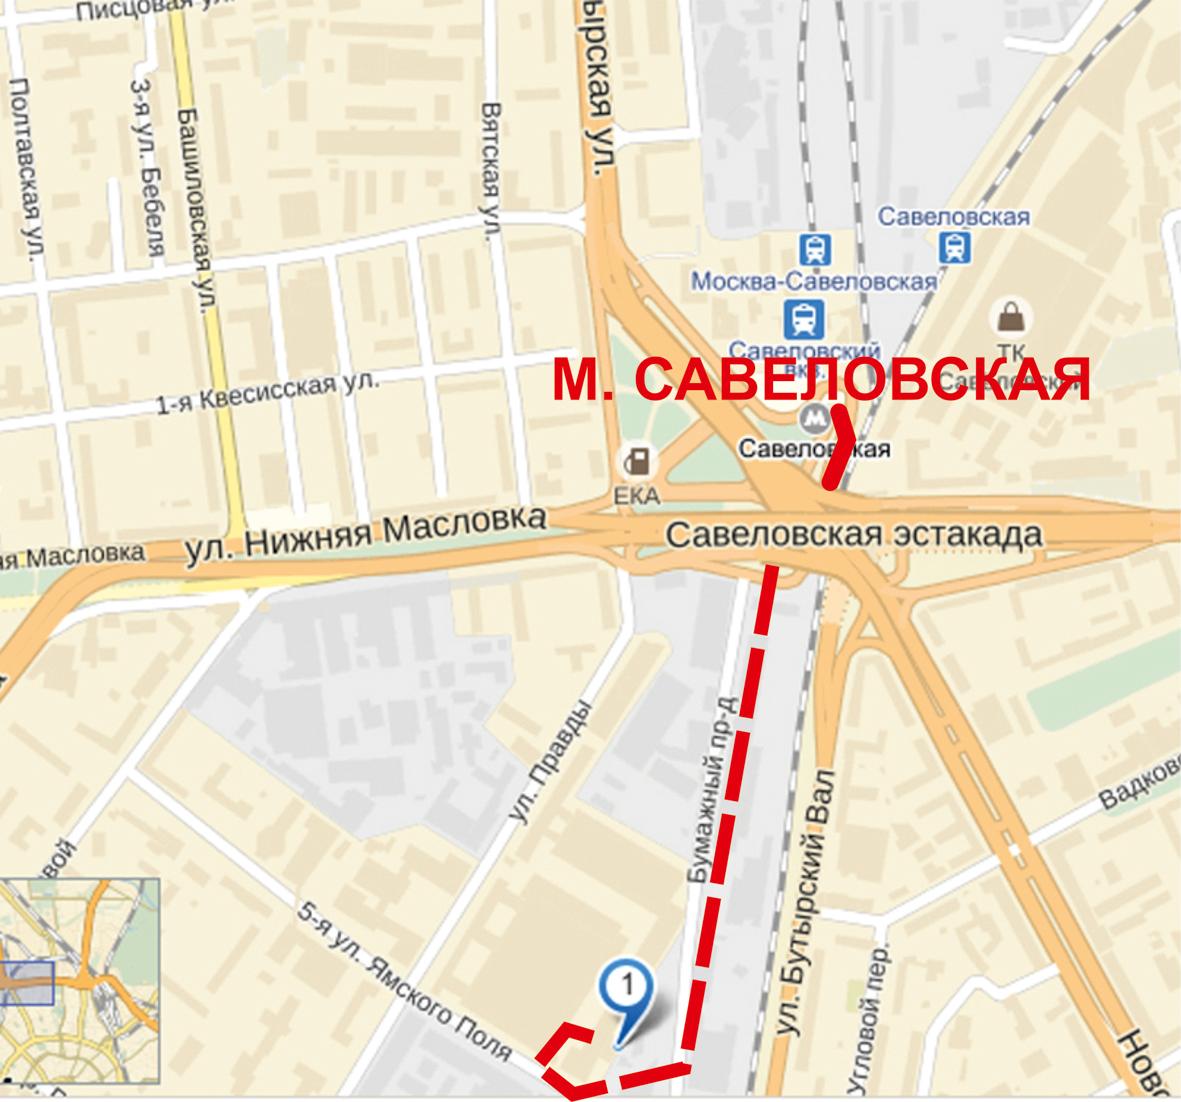 shlyuha-v-metro-savelovskaya